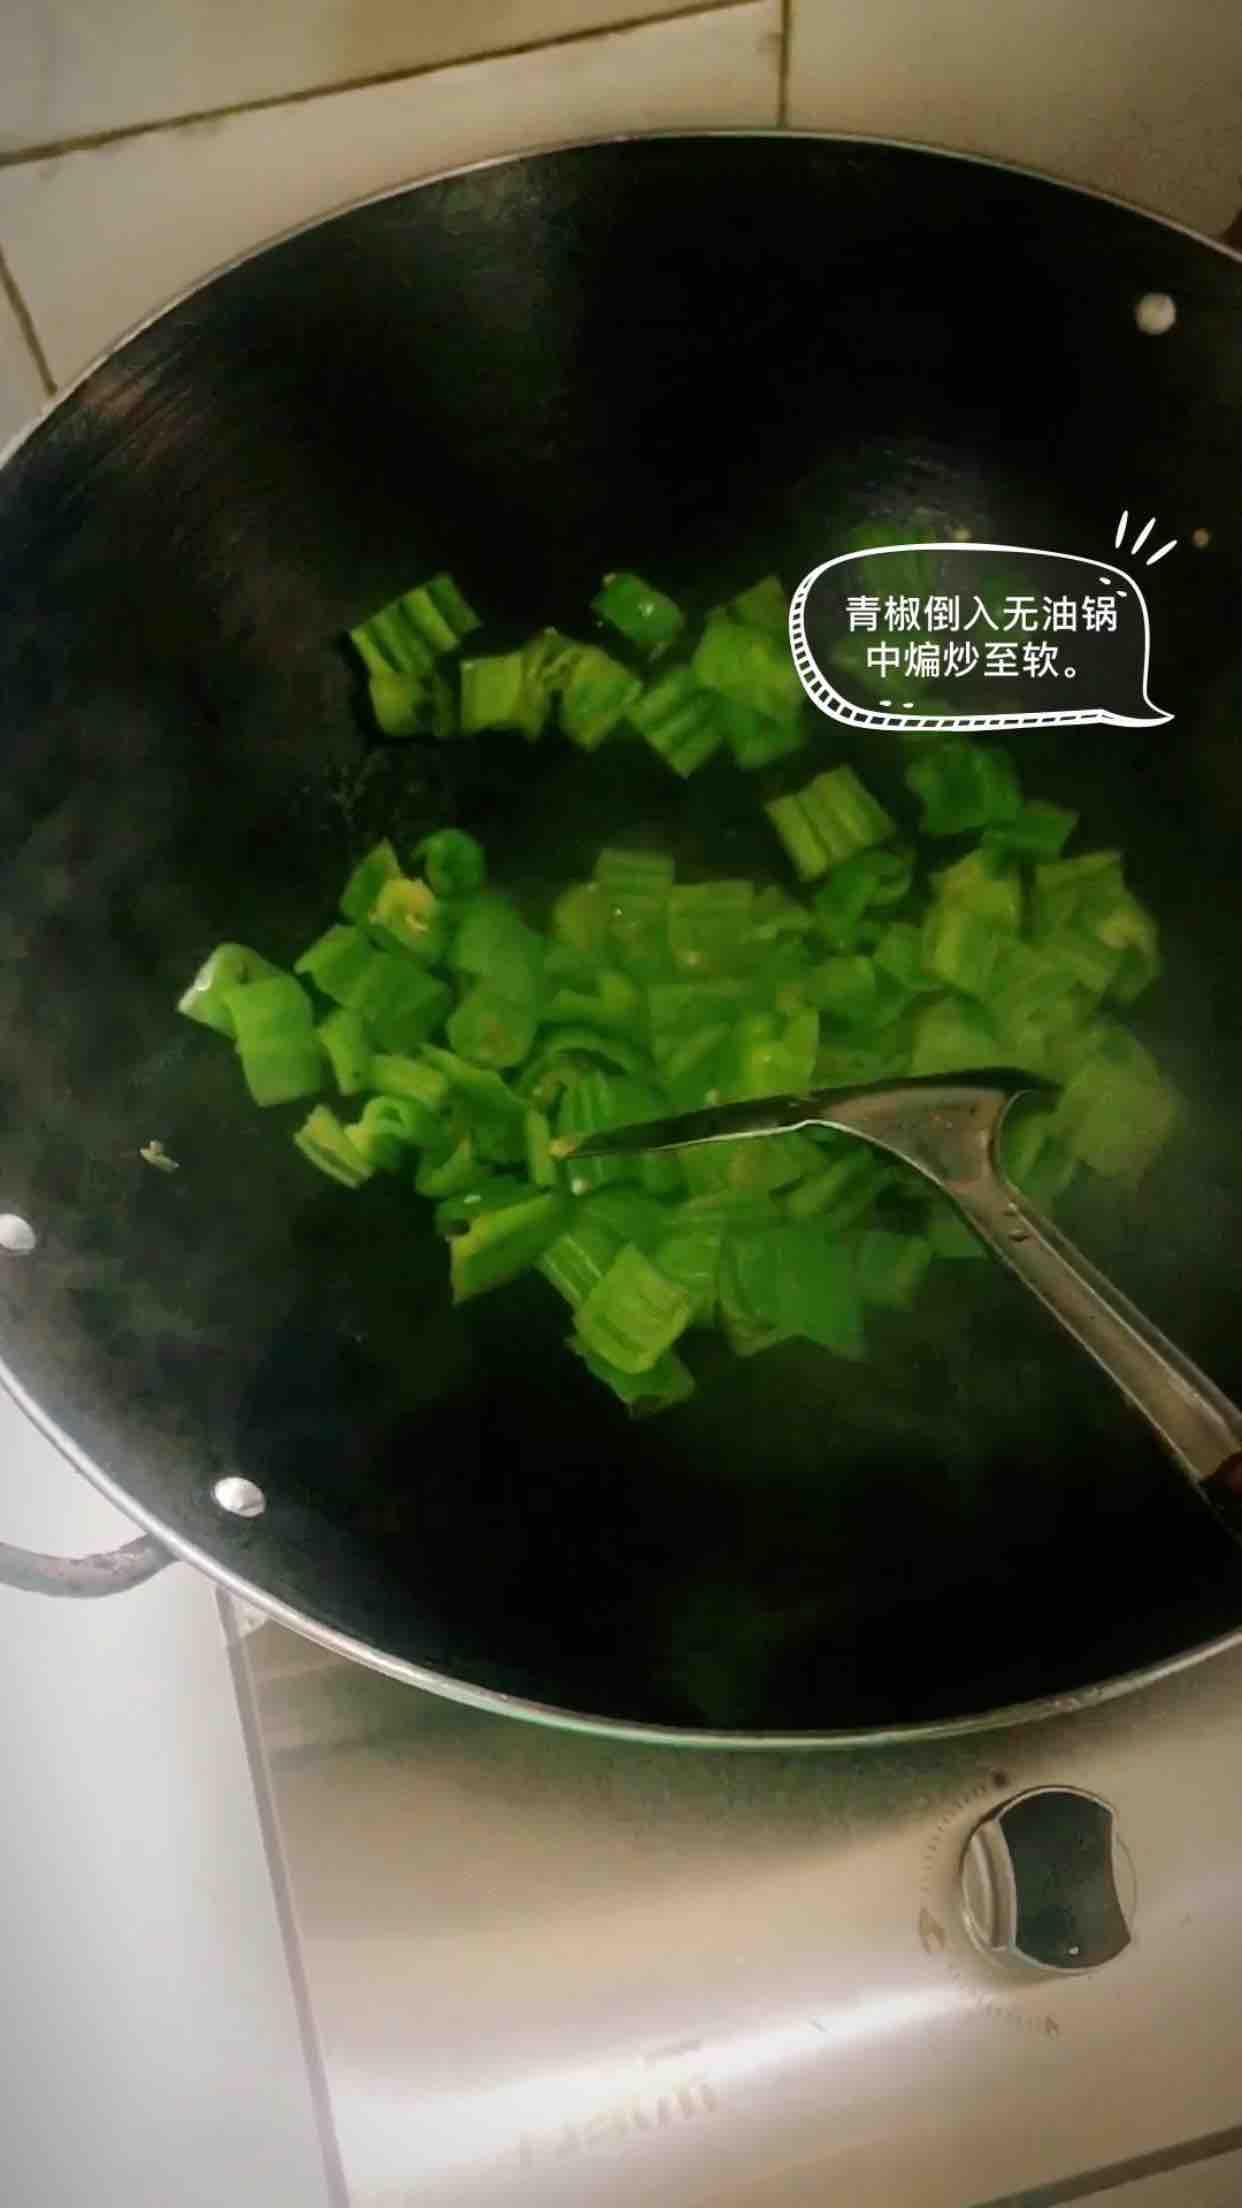 青椒炒香肠怎么做